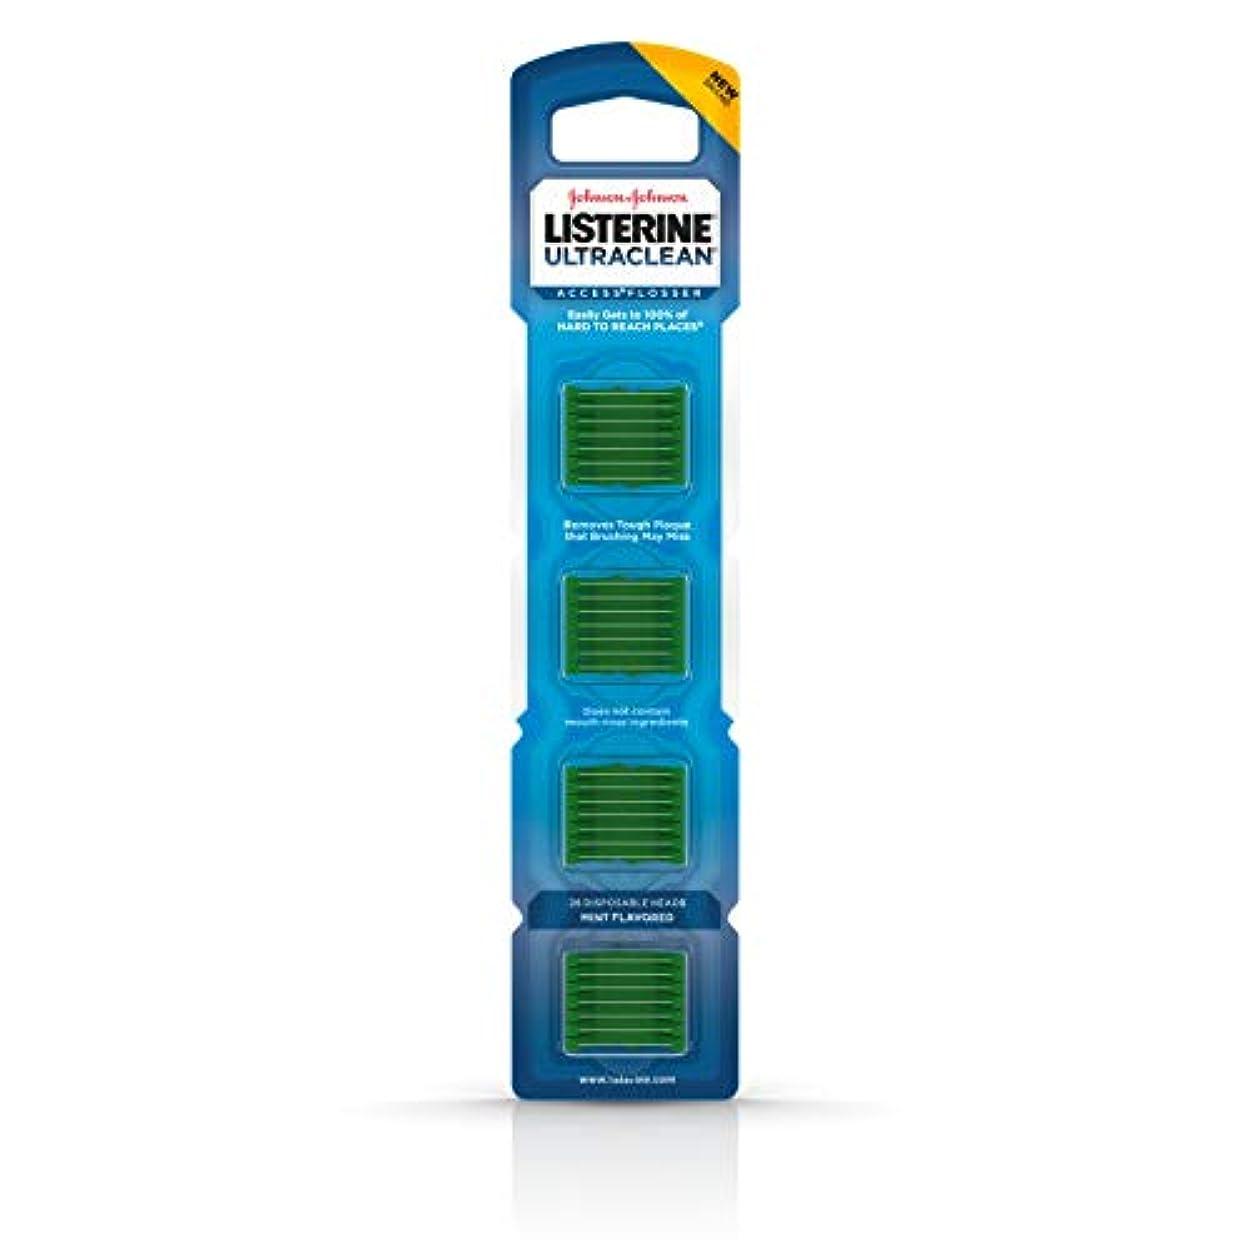 外国人エレベーター誠意Listerine Ultraclean Access Flosser Refill Heads, Mint, 28 Count [並行輸入品]